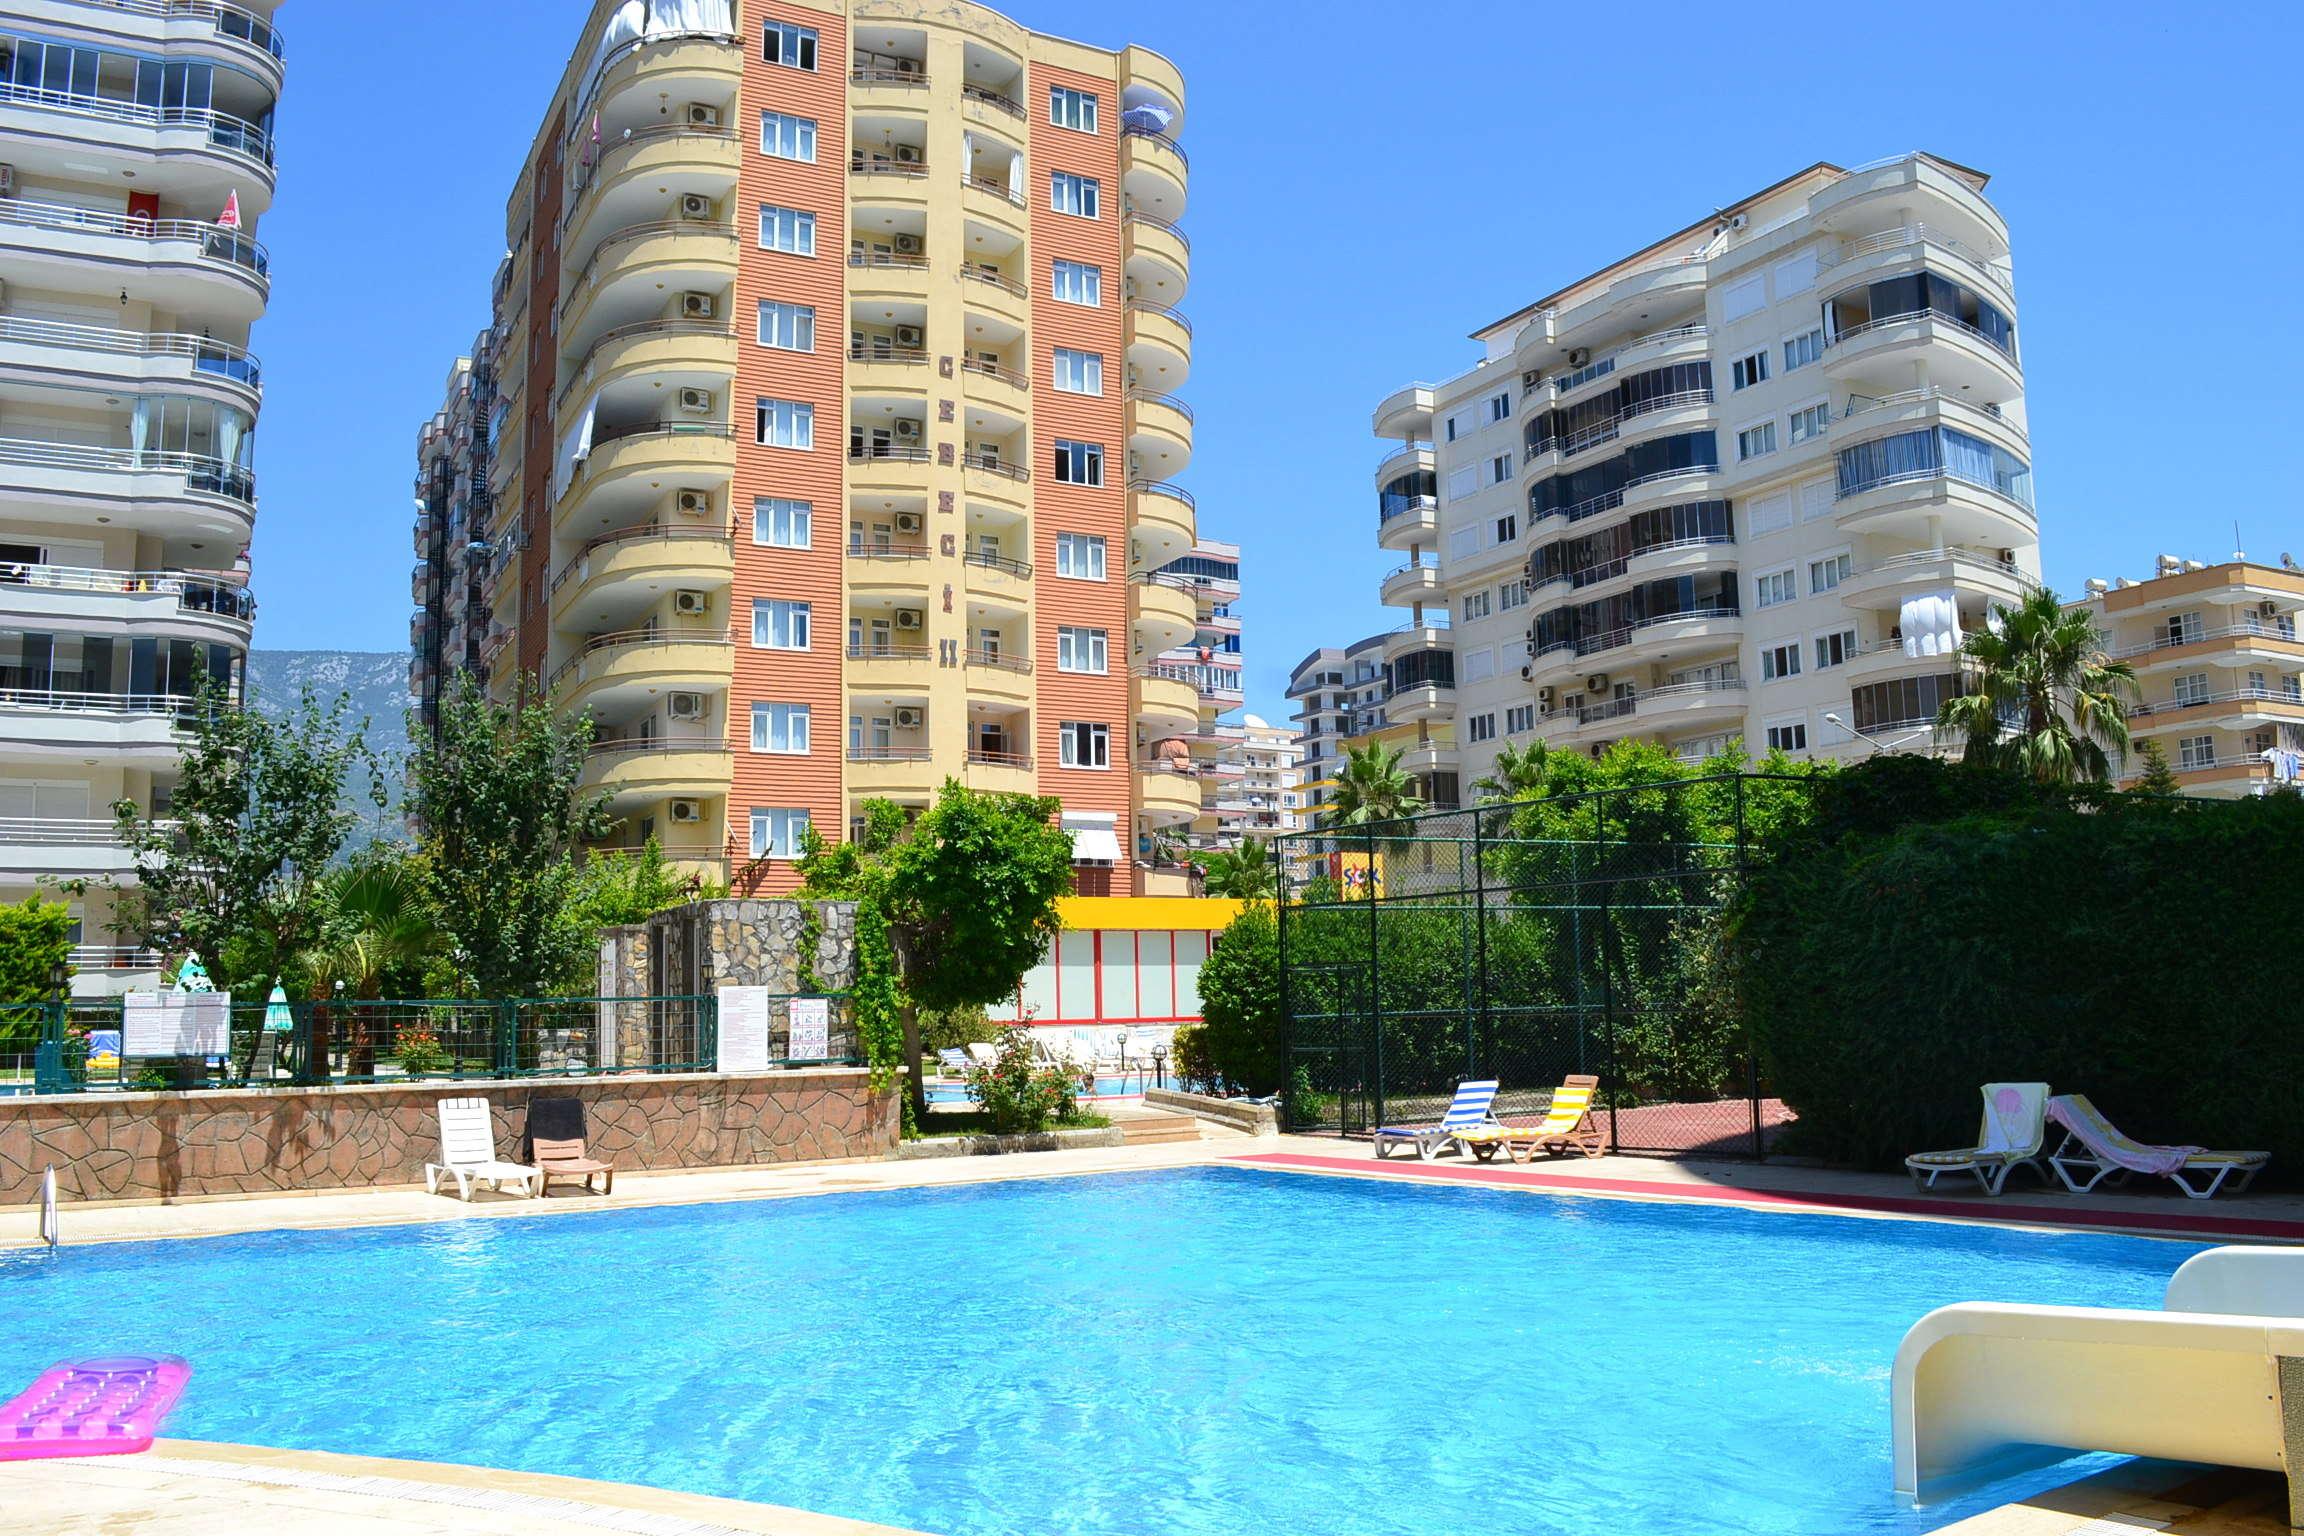 апартаменты 2+1 в ЖК Cebeci, стоимостью 63.000 евро